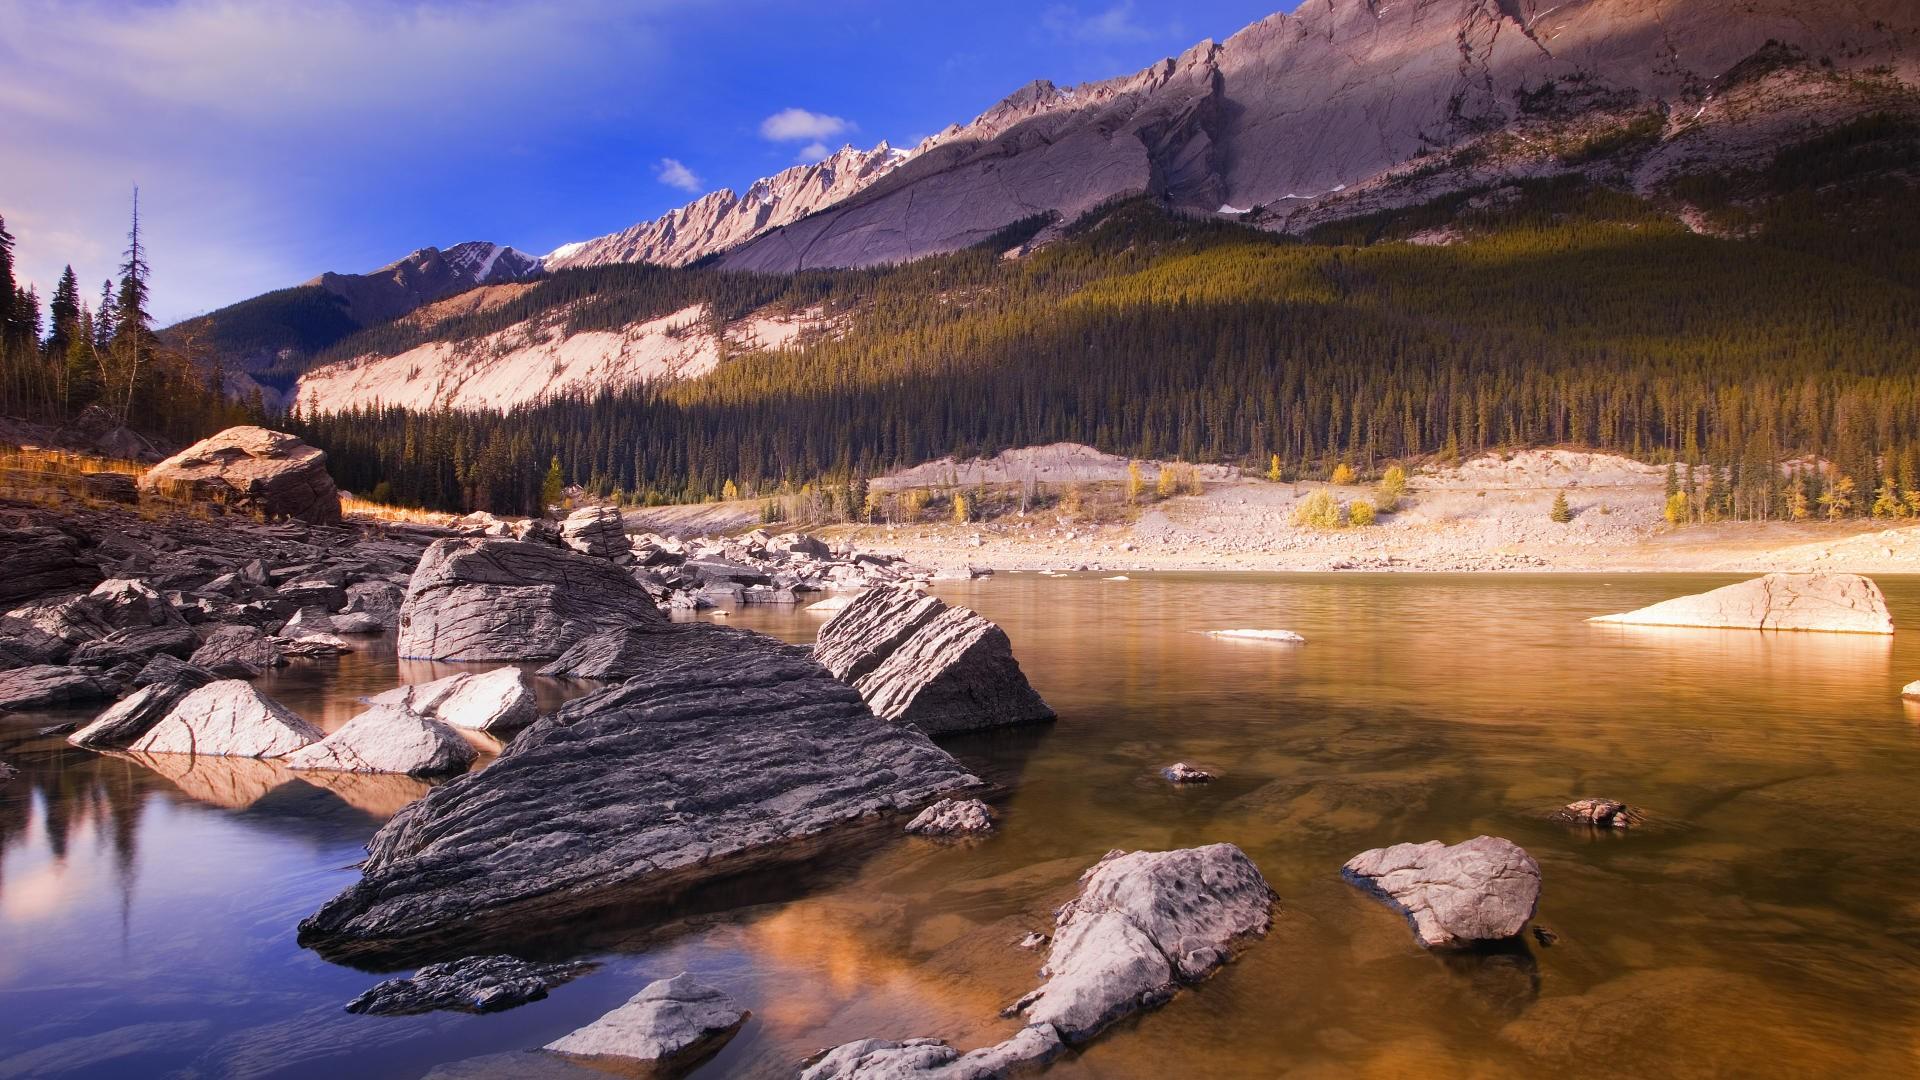 канада пейзаж обои на рабочий стол № 567423 загрузить